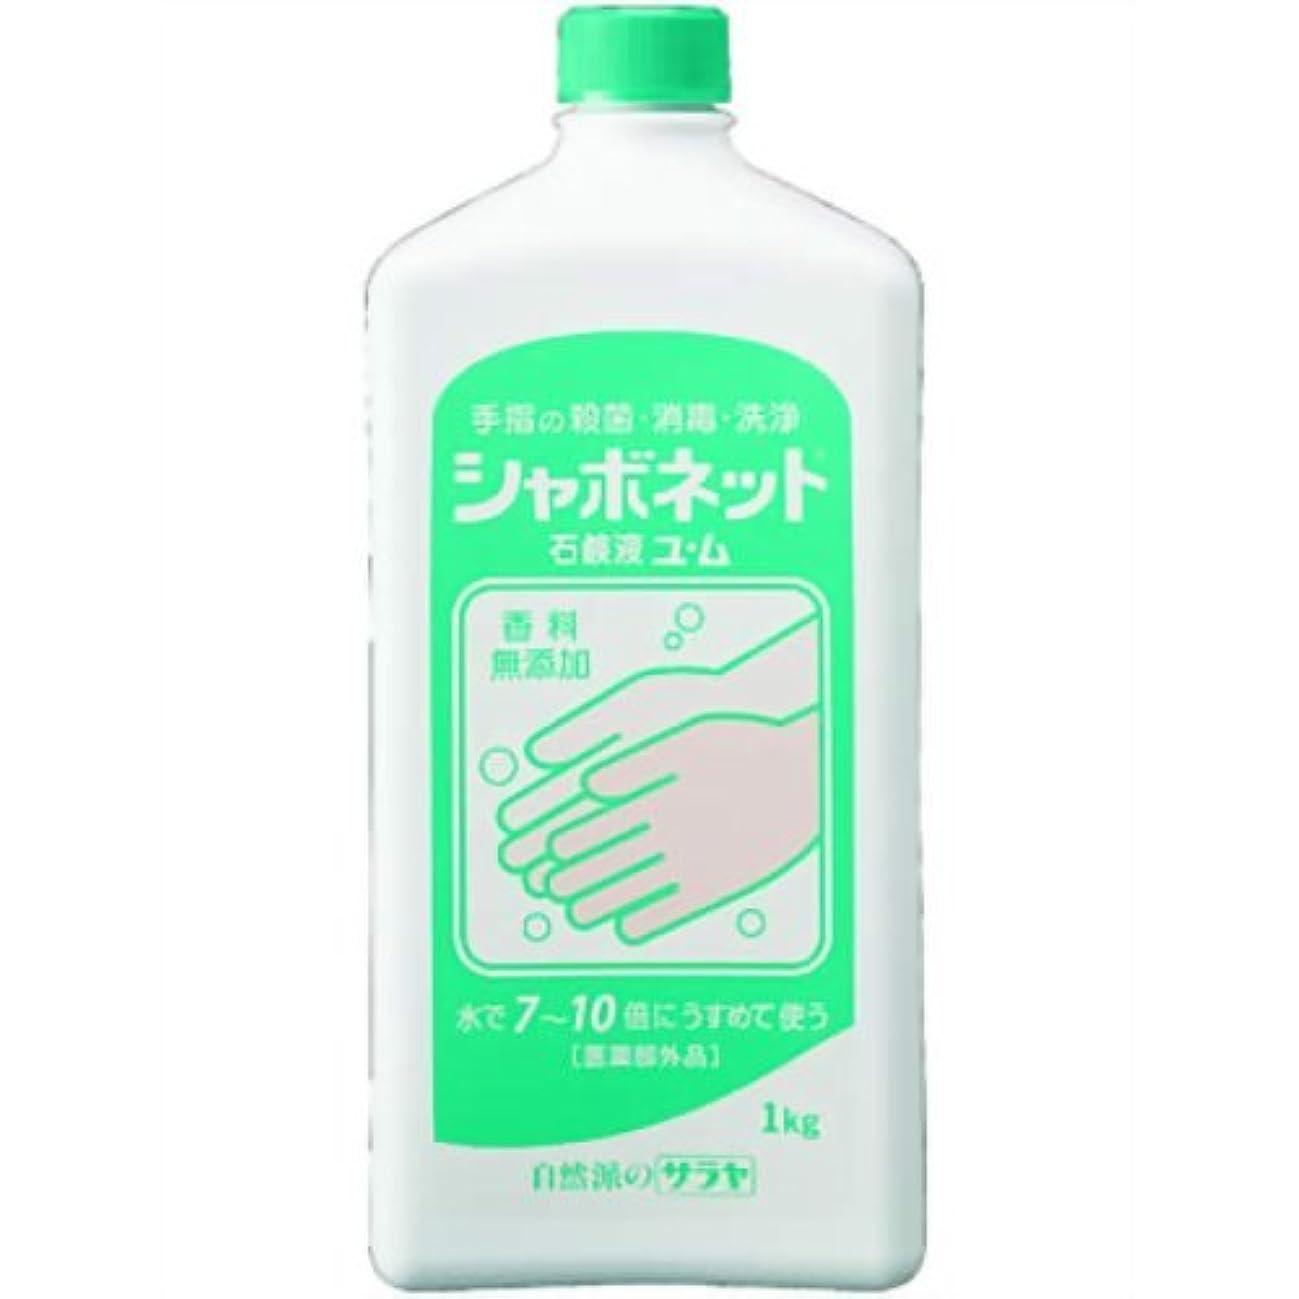 めまいドラッグ氷シャボネット石鹸液ユ?ム 1kg